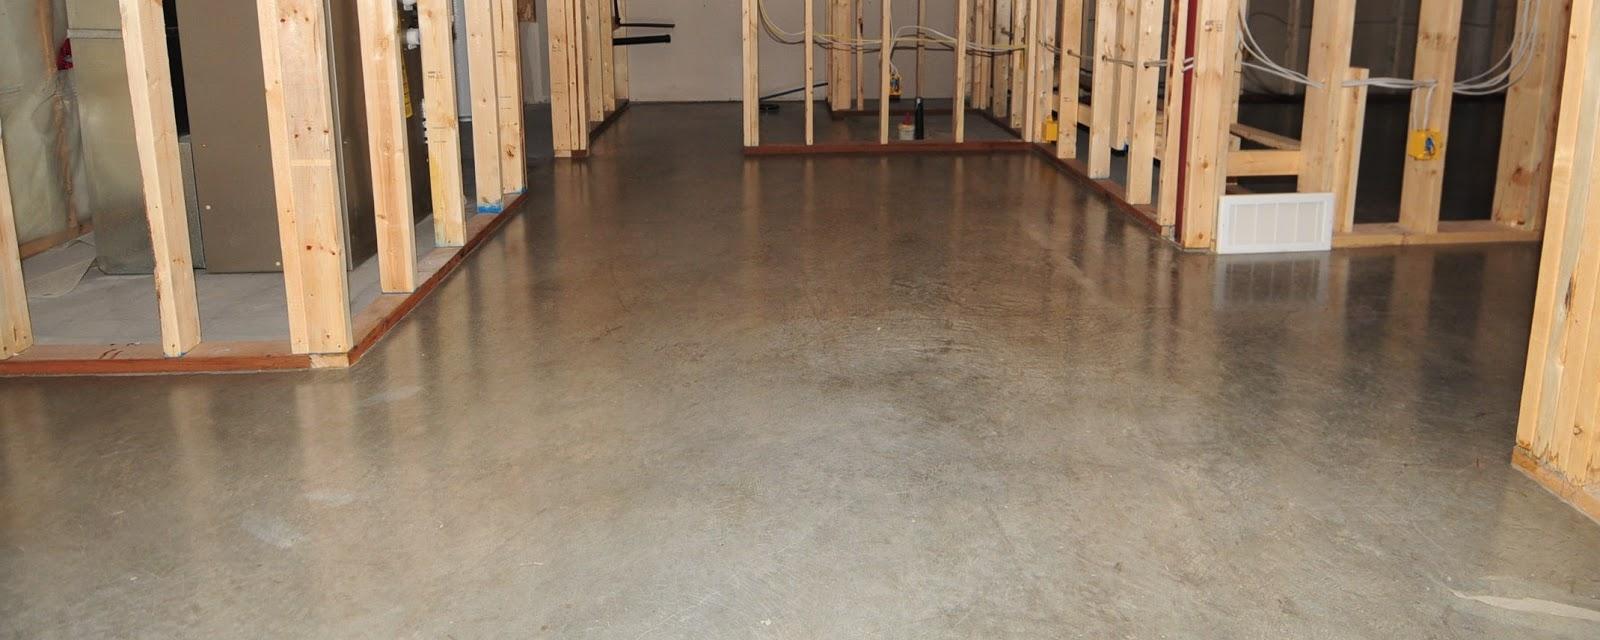 Best Cement For Basement Floors